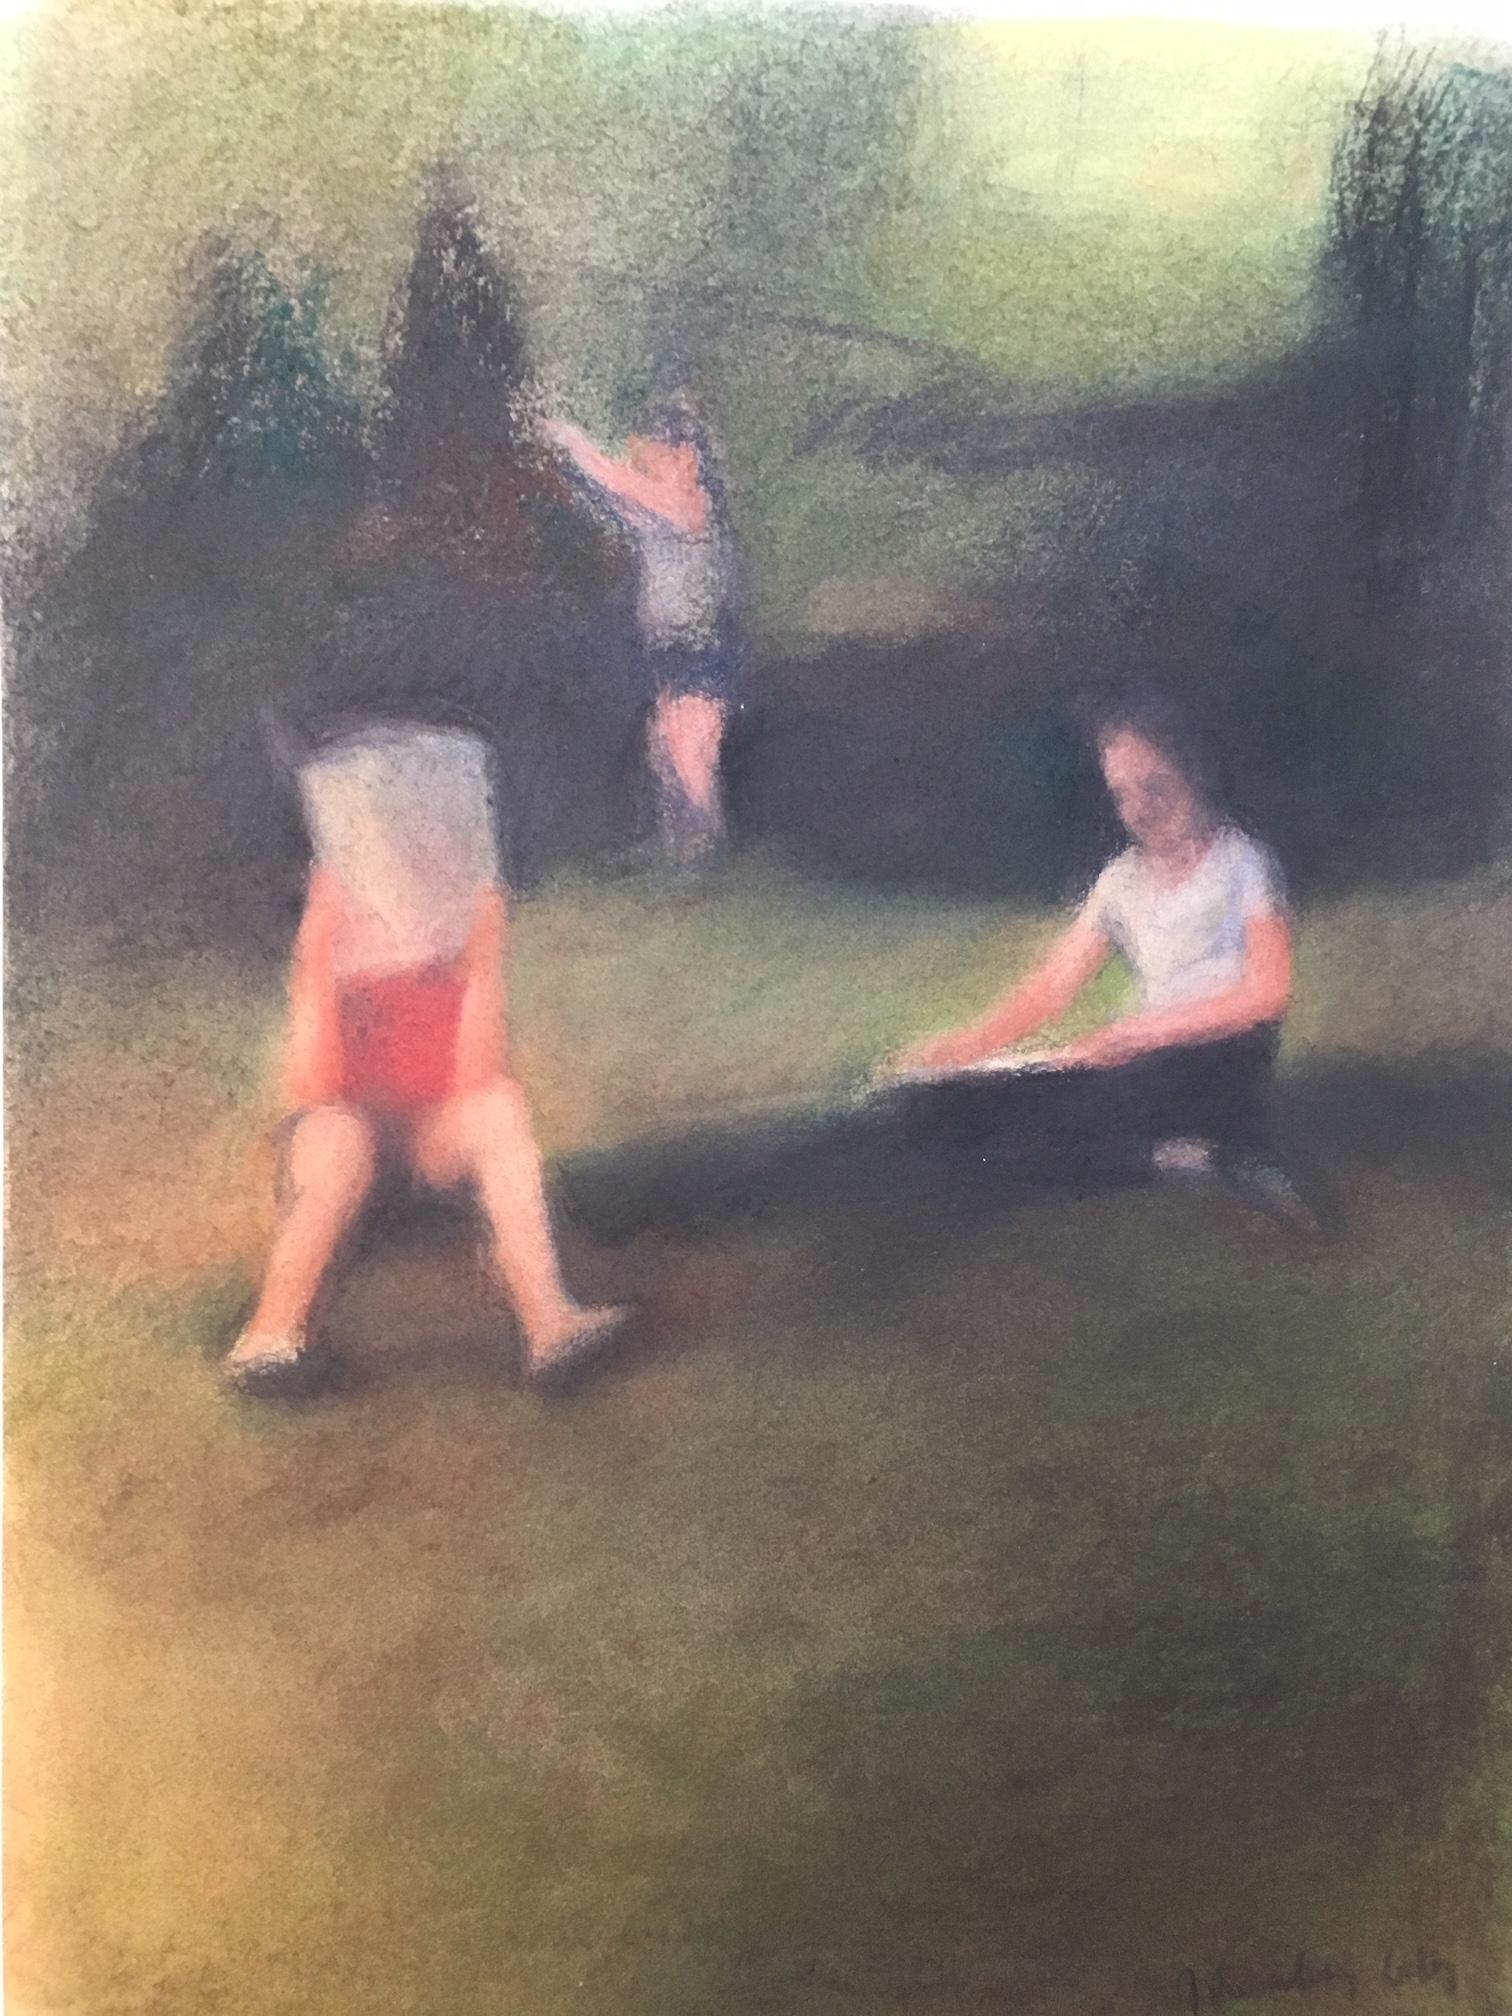 Trois enfants dans un champ, la tortue est dans l'herbe | GALERIE TREIZE-DIX I AUTRE JE | Anne Gorouben, Trois enfants dans un champ, la tortue est dans l'herbe